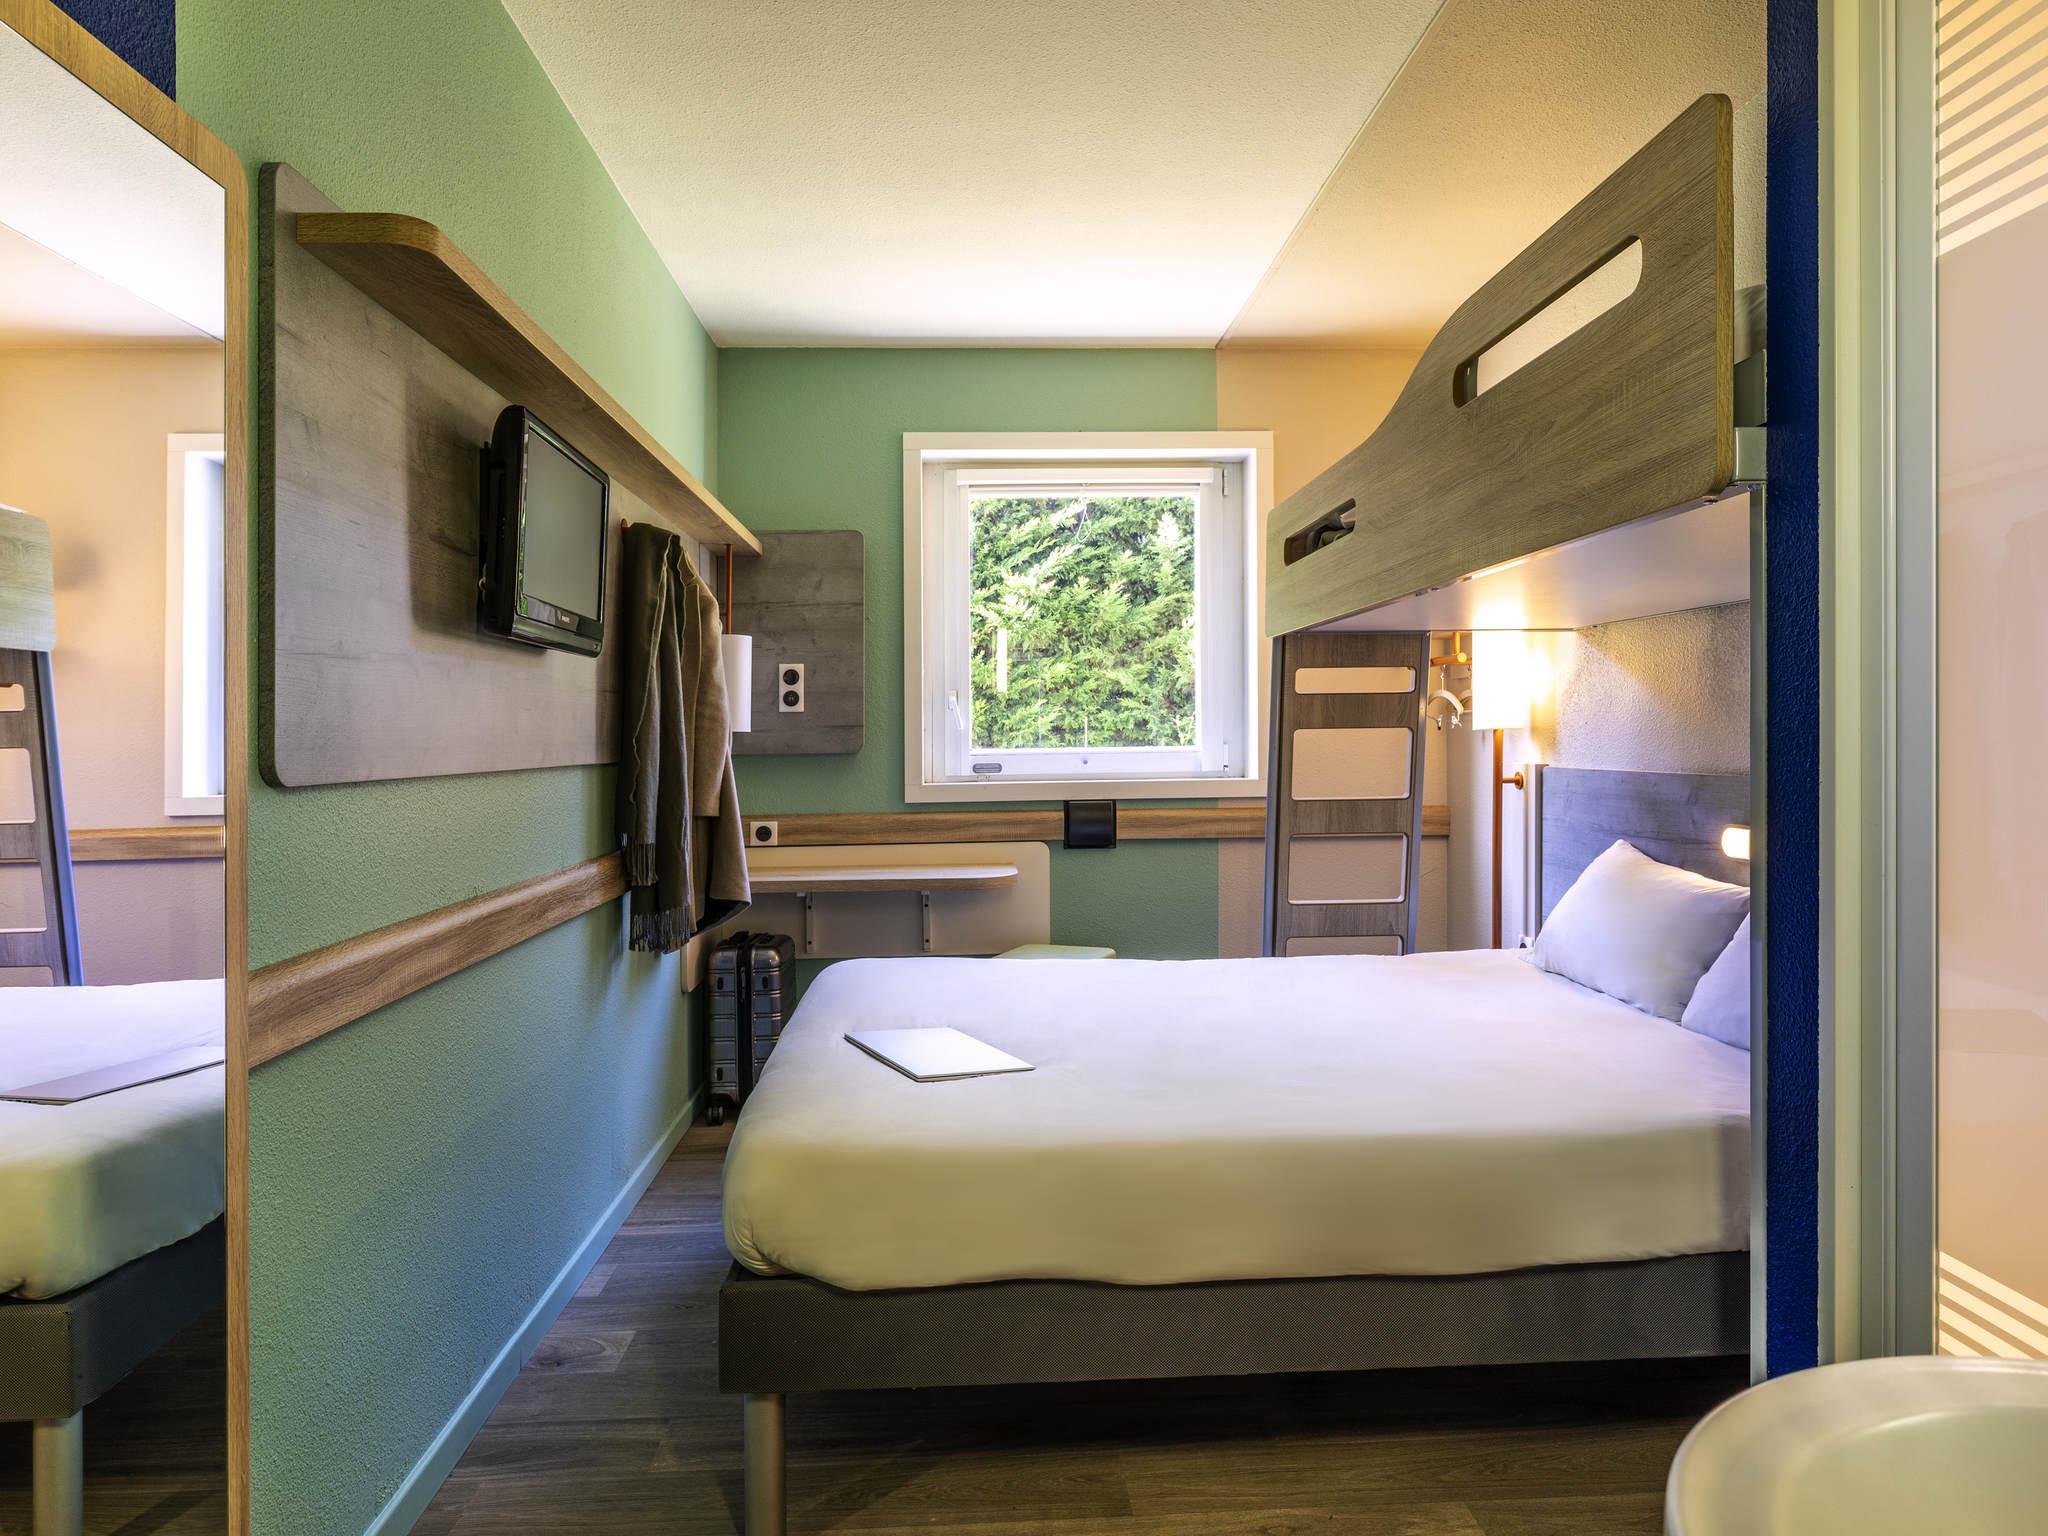 Hotel a saint quentin fallavier ibis budget lyon l isle d abeau